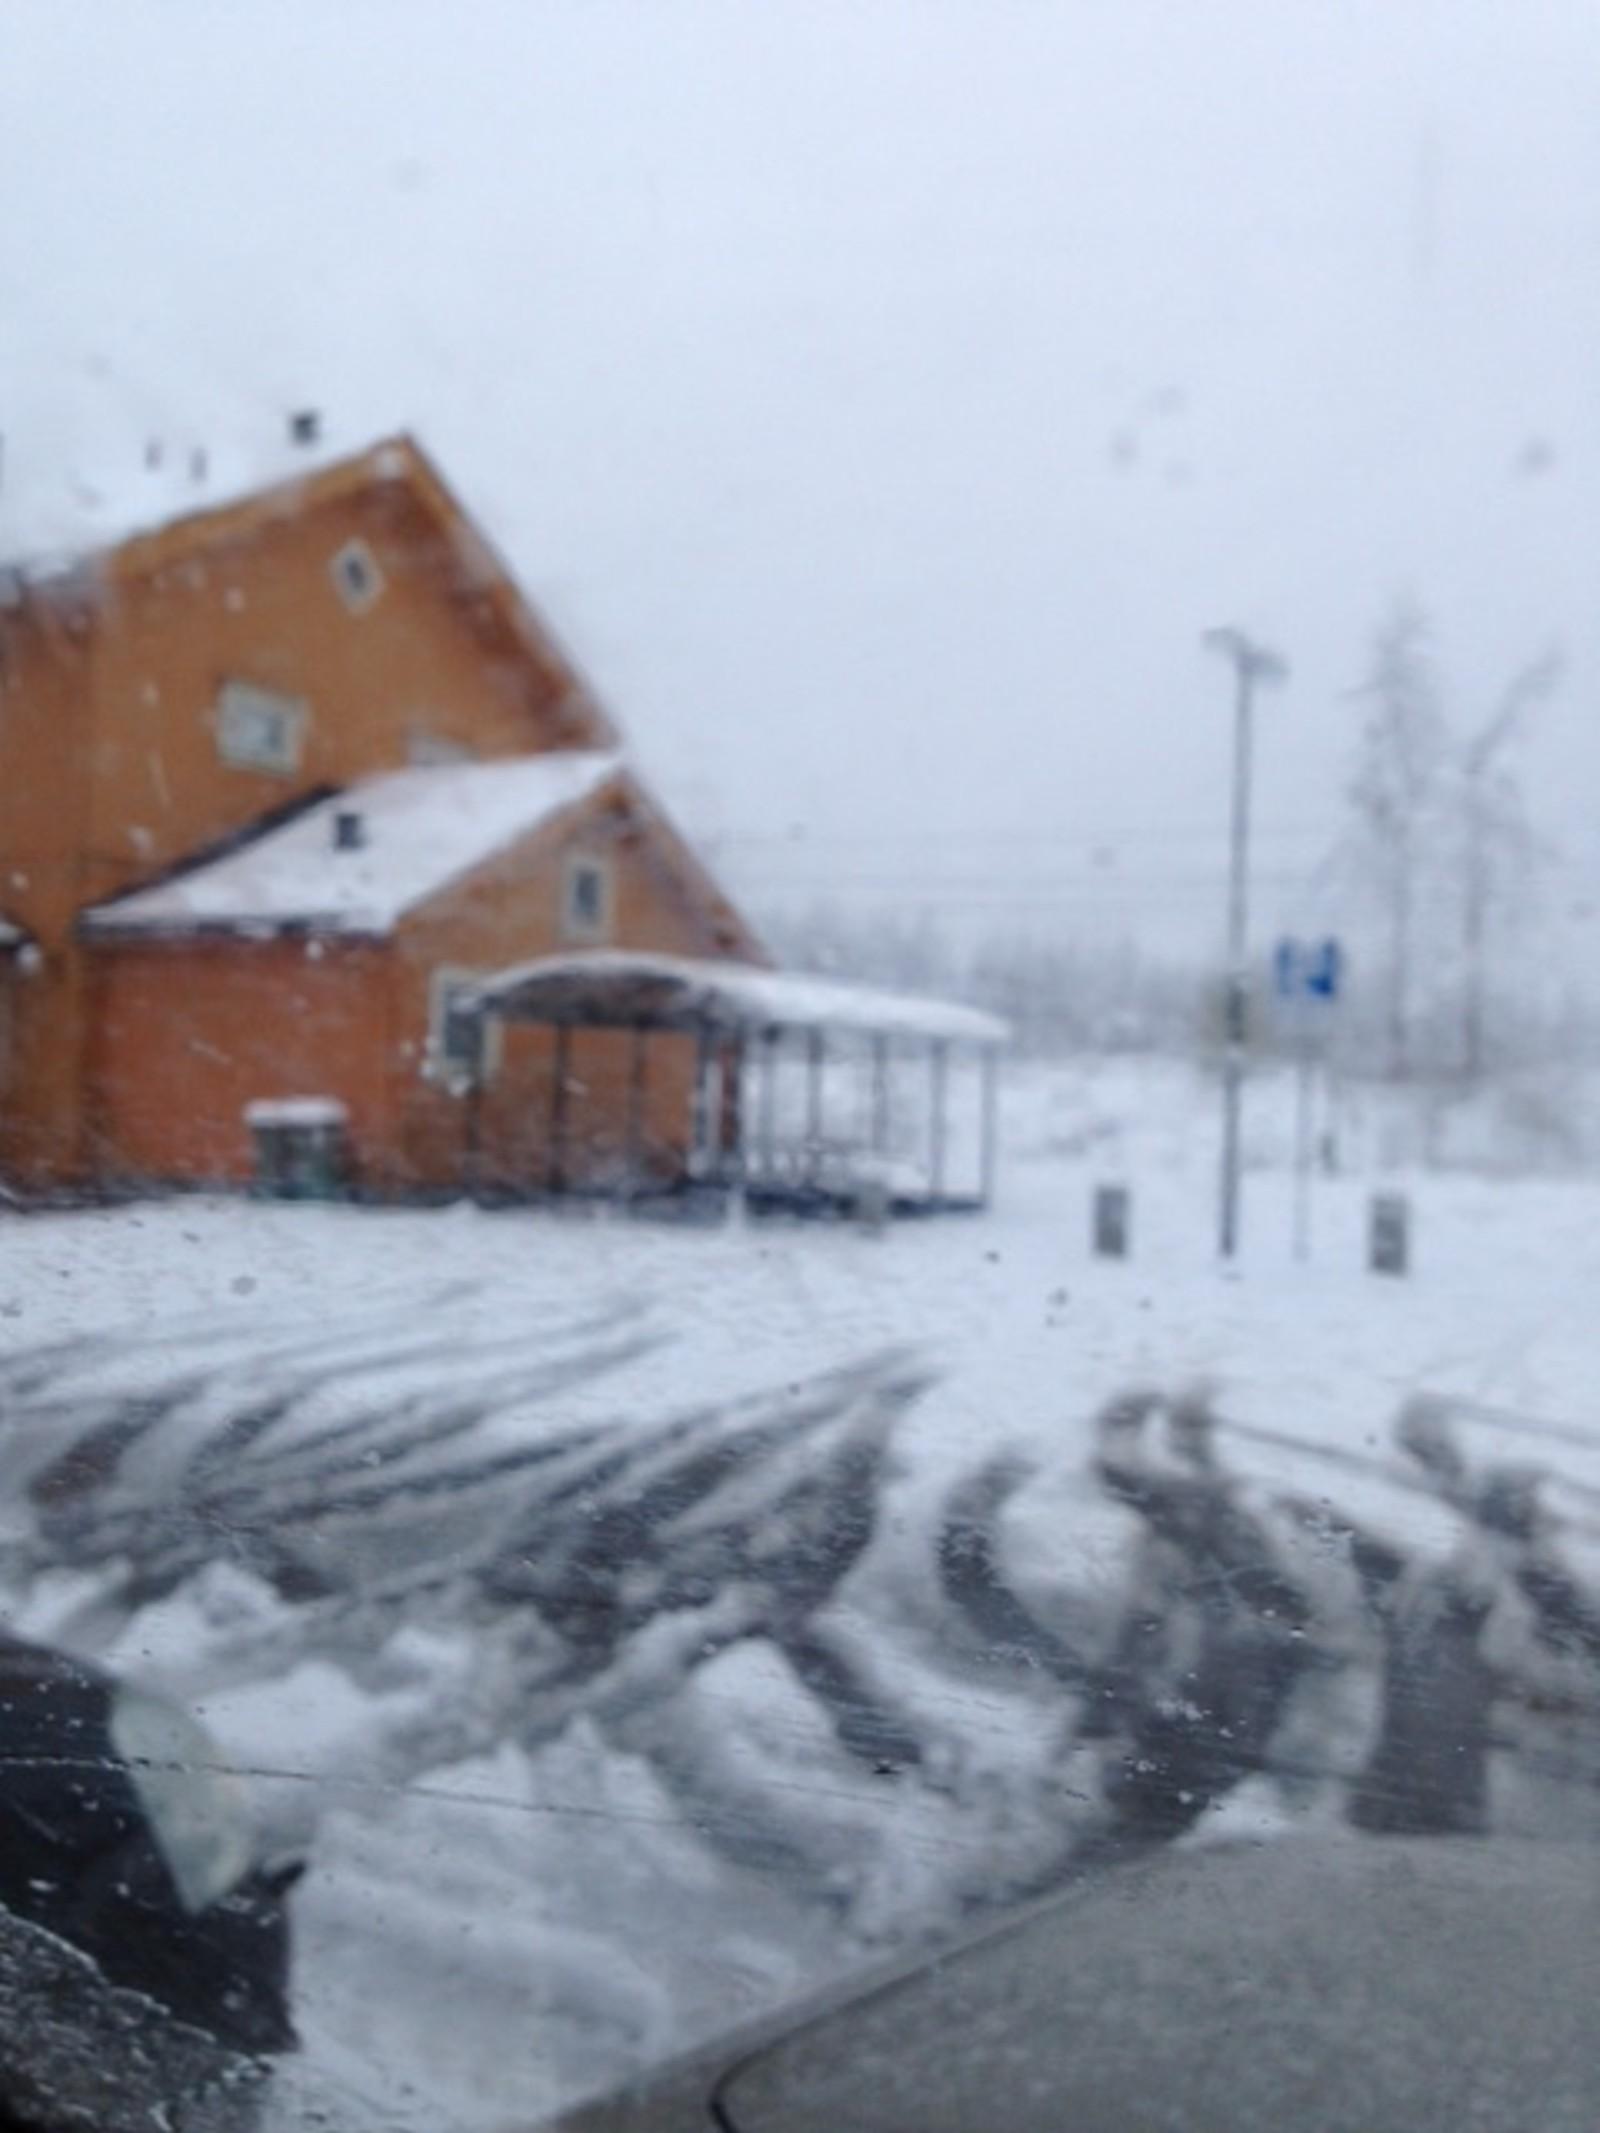 Hauerseter stasjon i Ullensaker på Øvre Romerike.